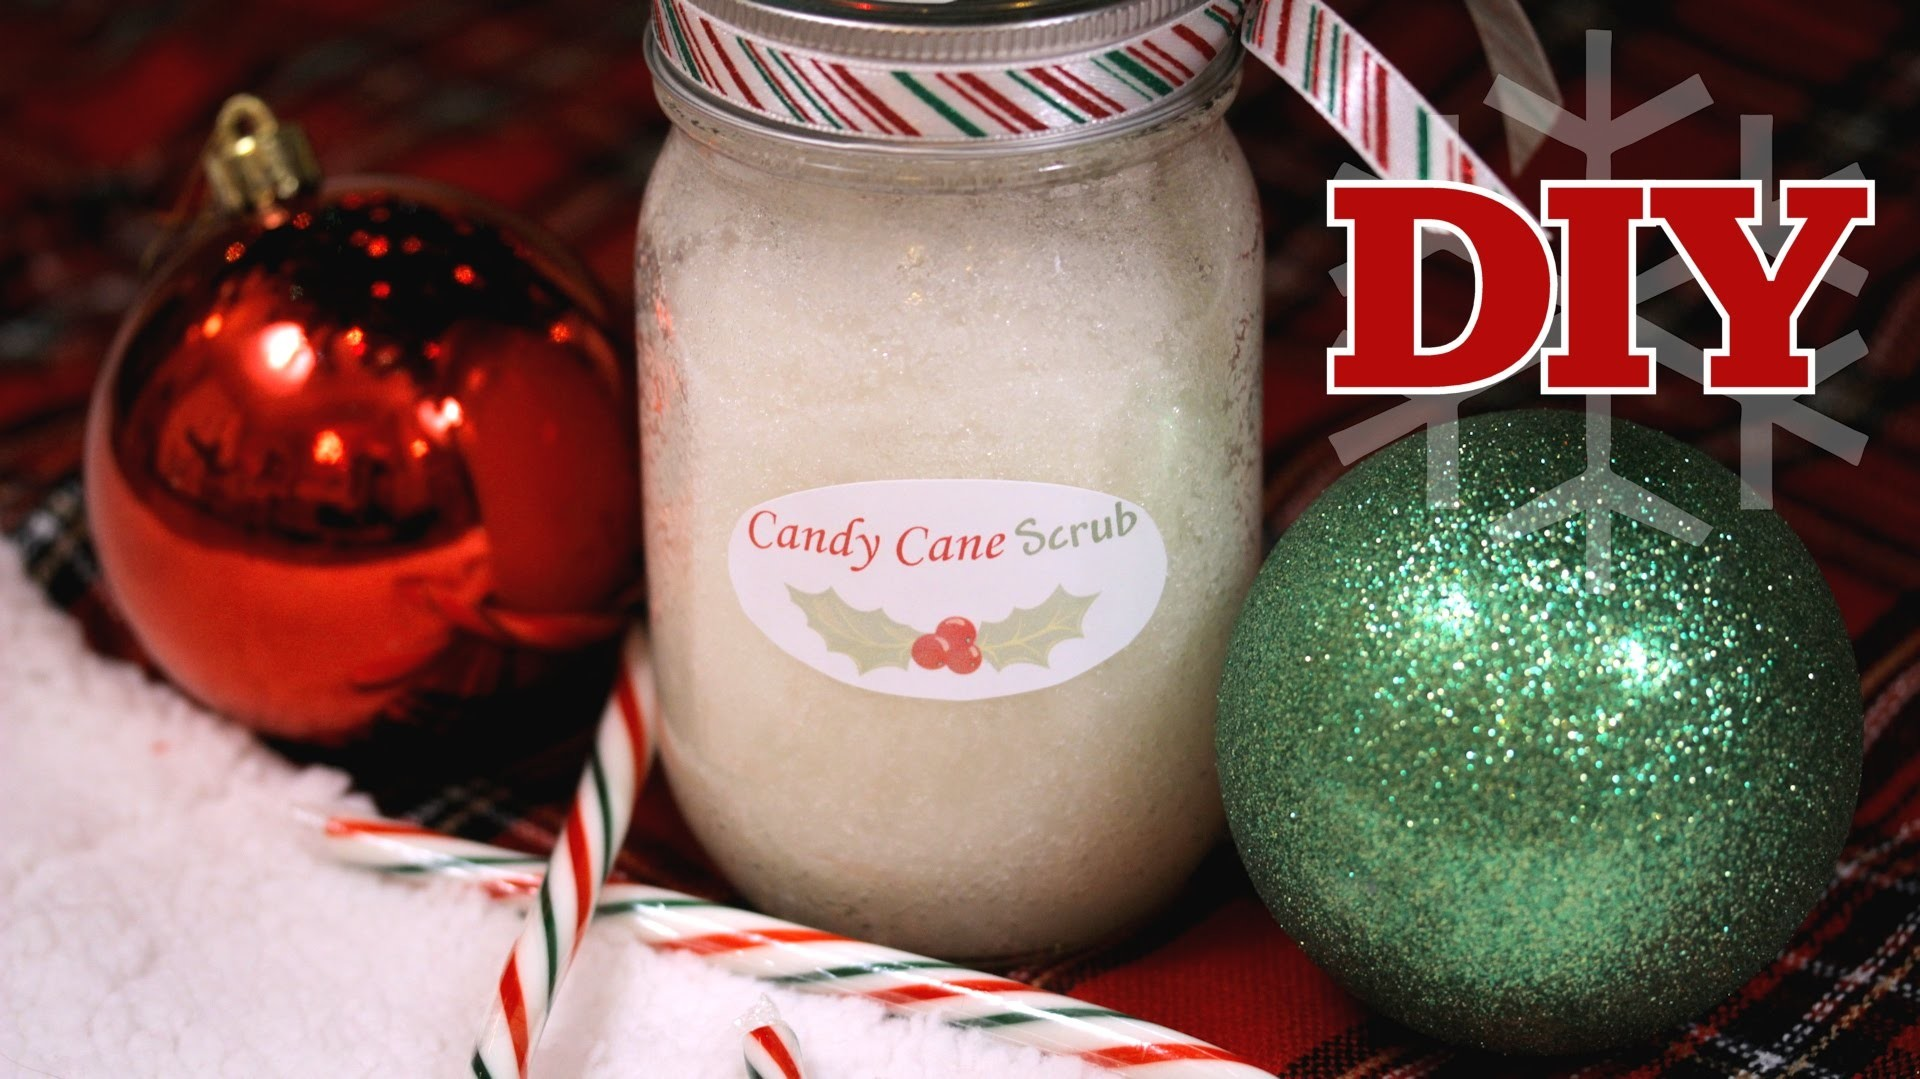 DIY Holiday Candy Cane Hand Scrub | cutepolish